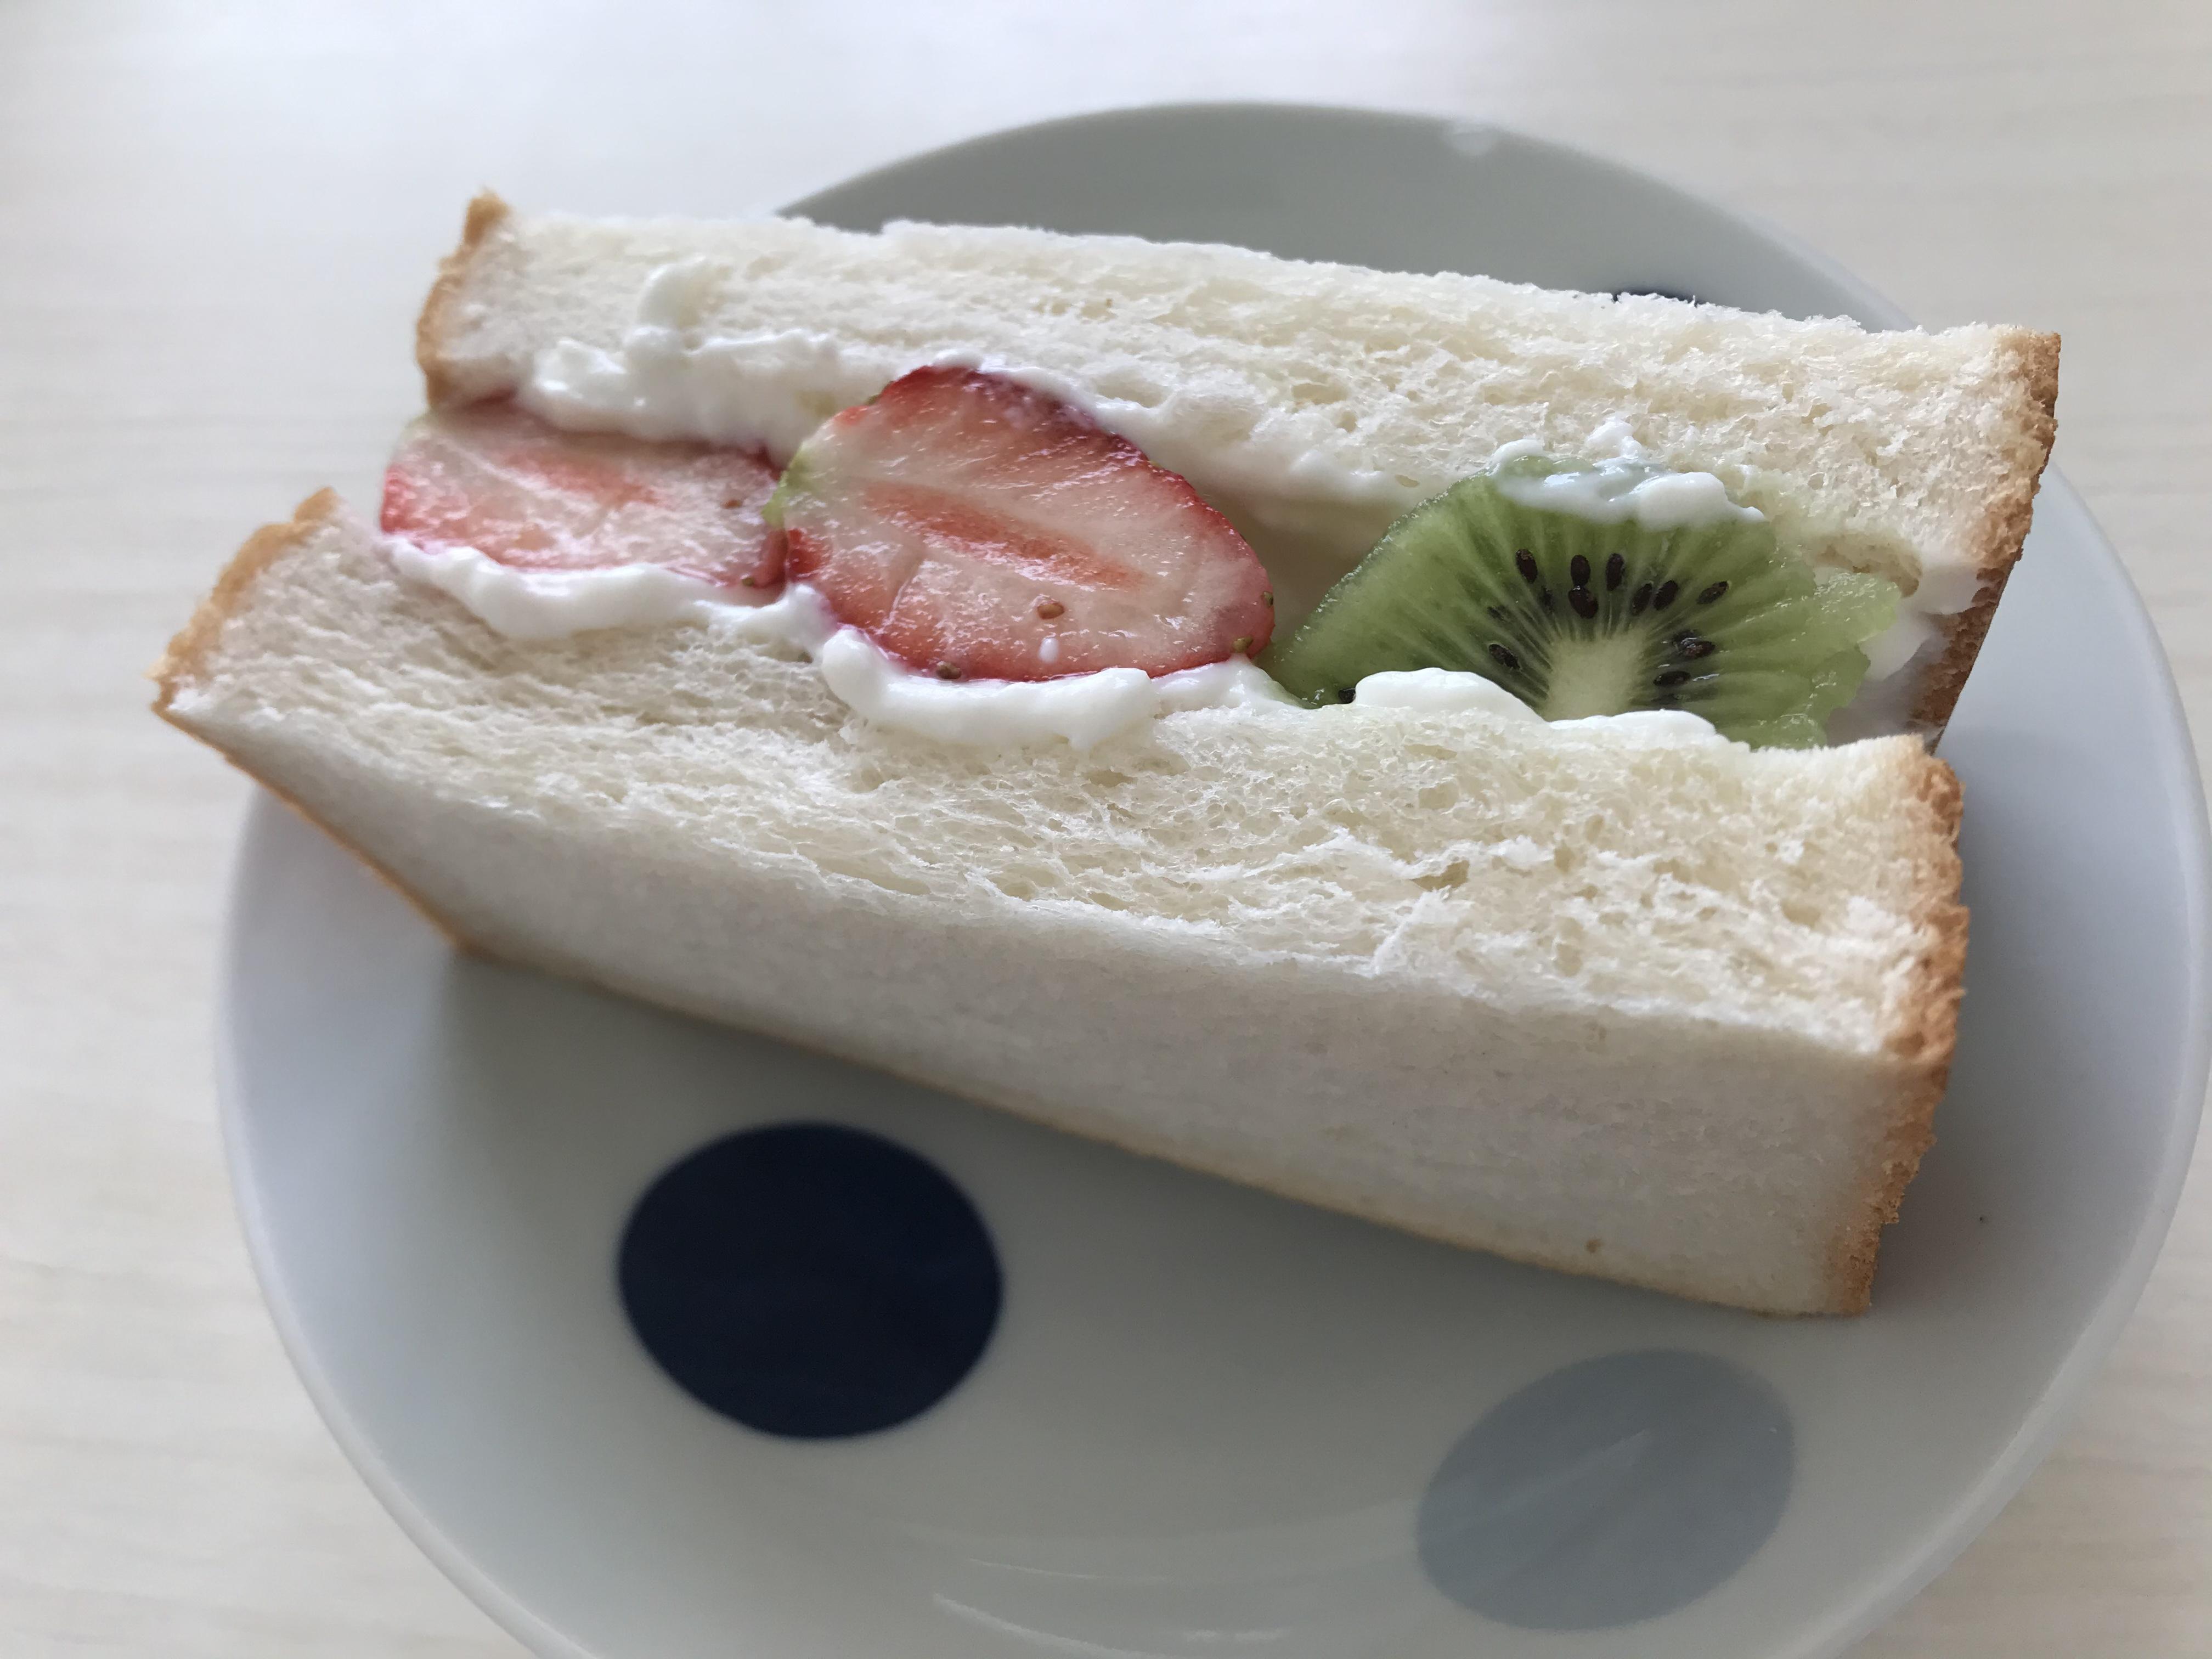 【ヘルシーフルーツサンド】ズボラな私でも、簡単!美味い!ヘルシーなフルーツサンドレシピをご紹介☺︎_1